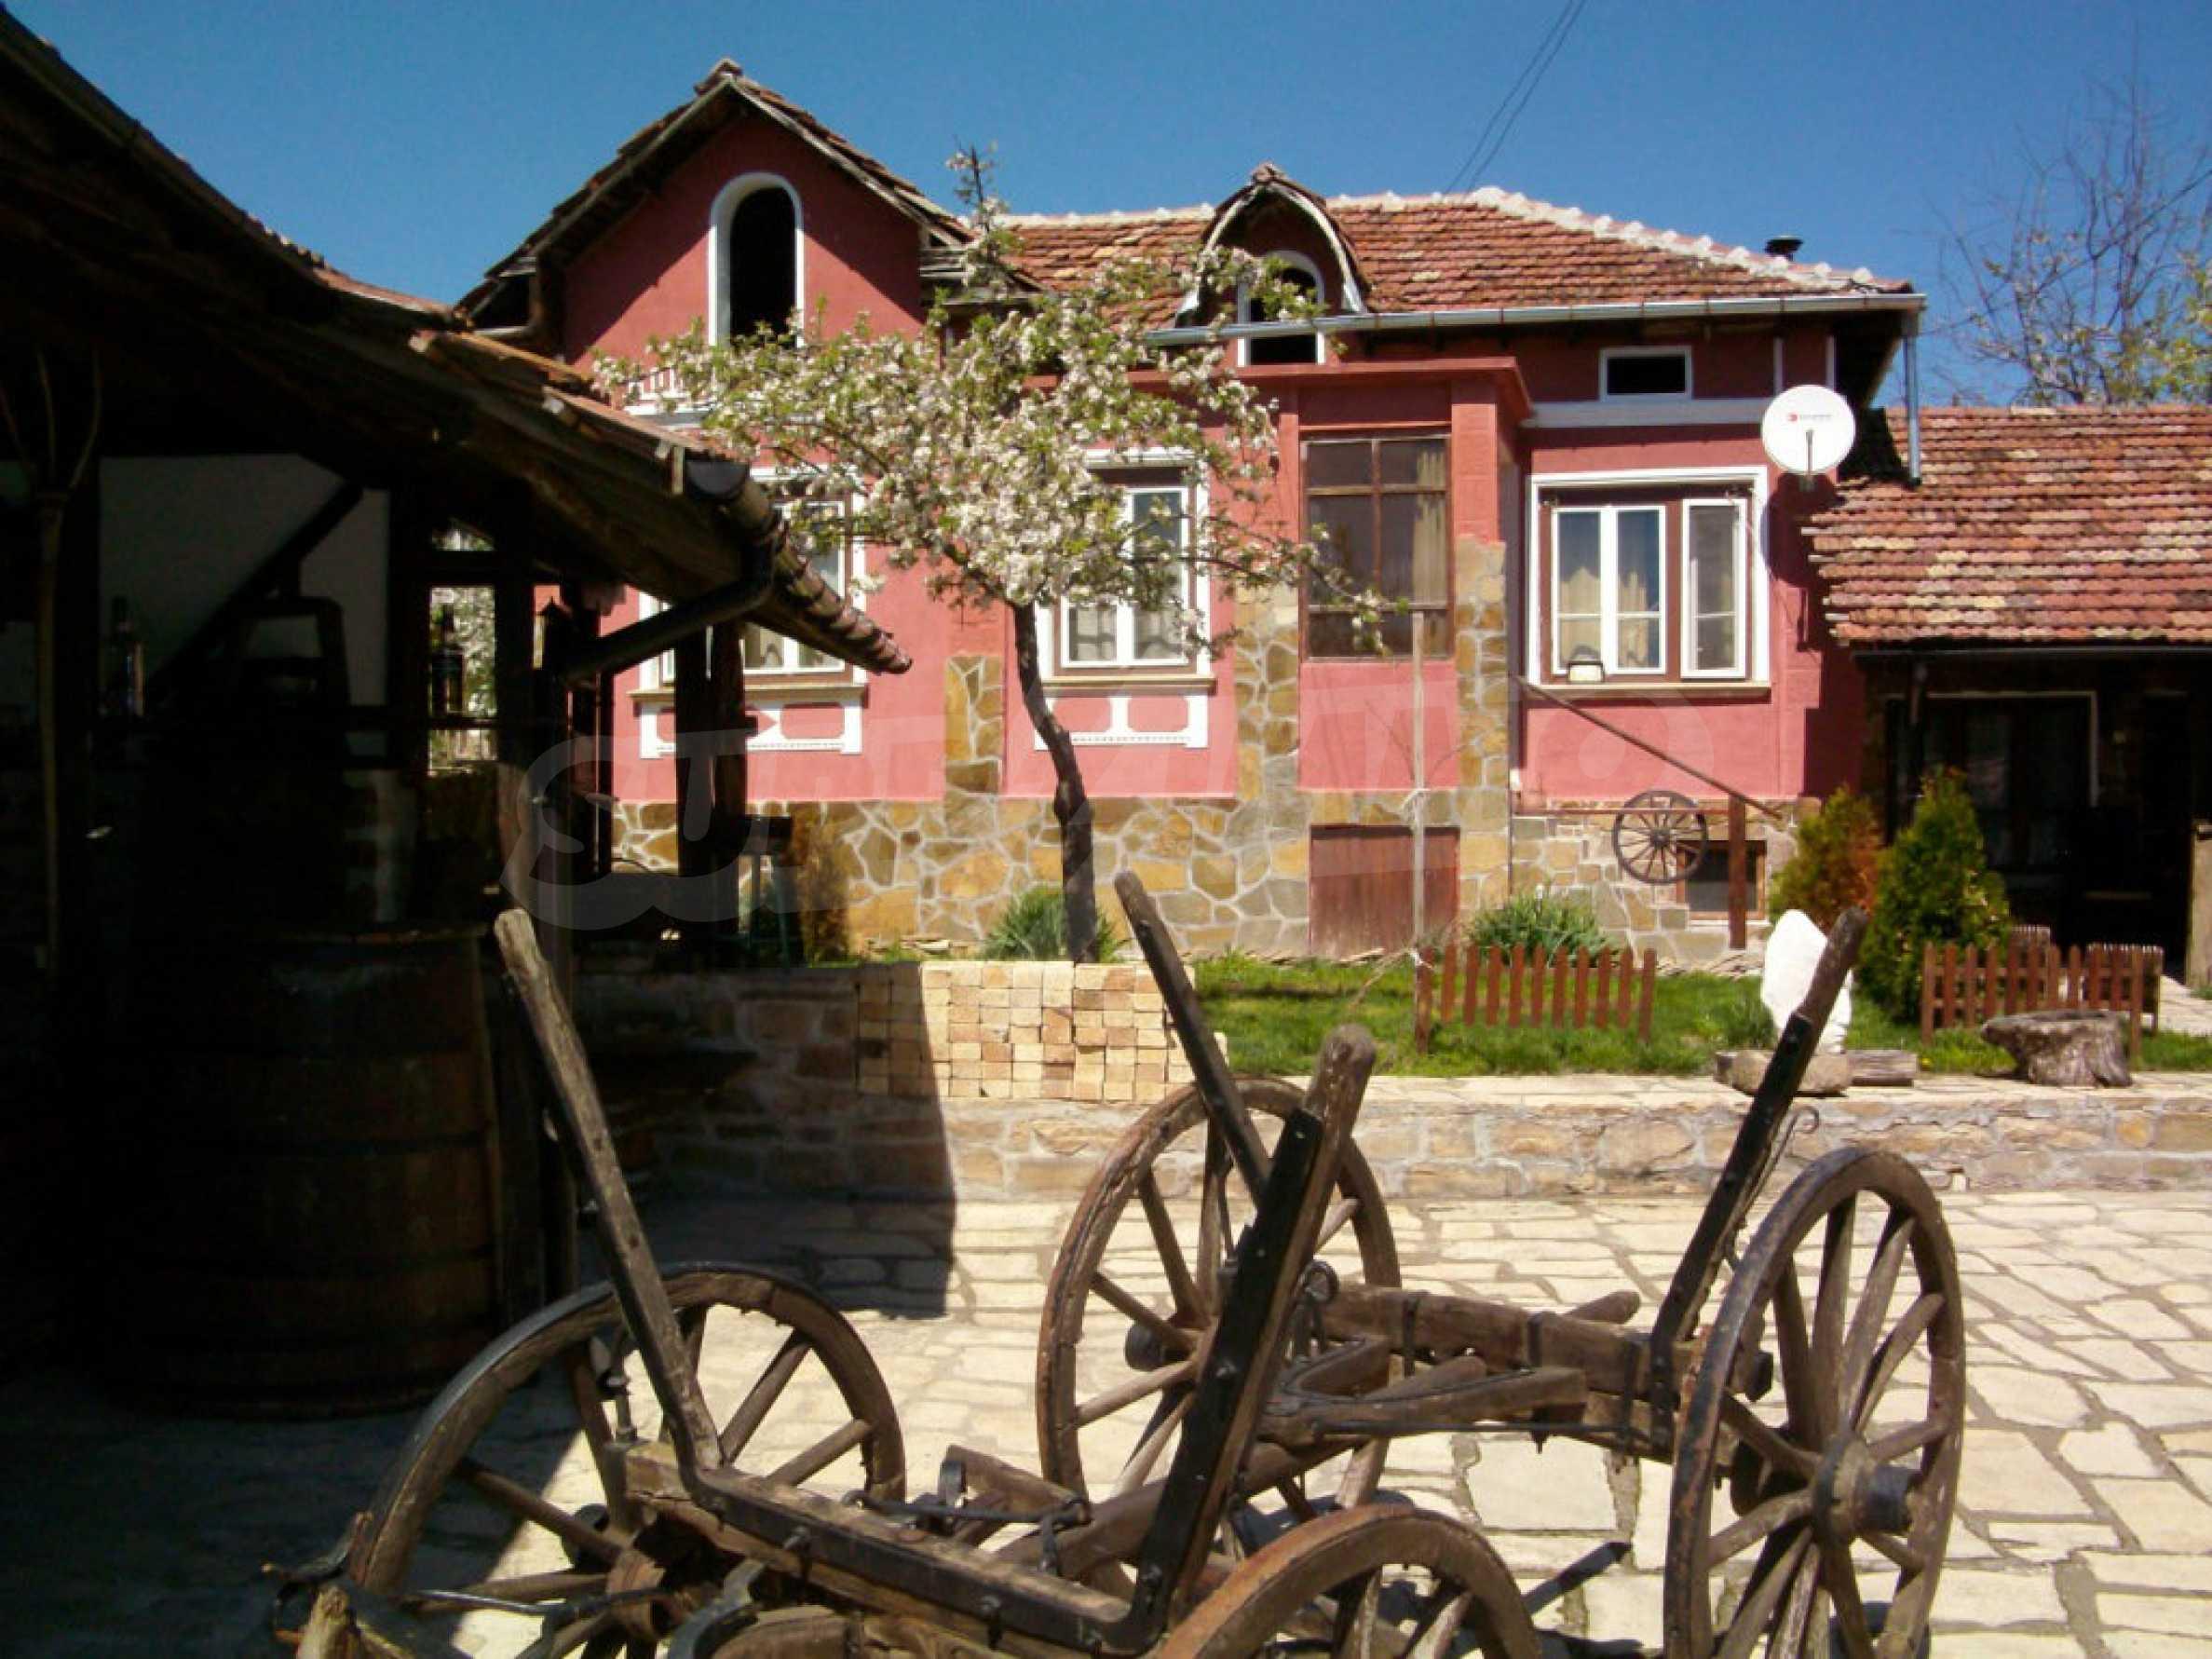 Vollständig möbliertes Anwesen im erhaltenen traditionellen bulgarischen Stil